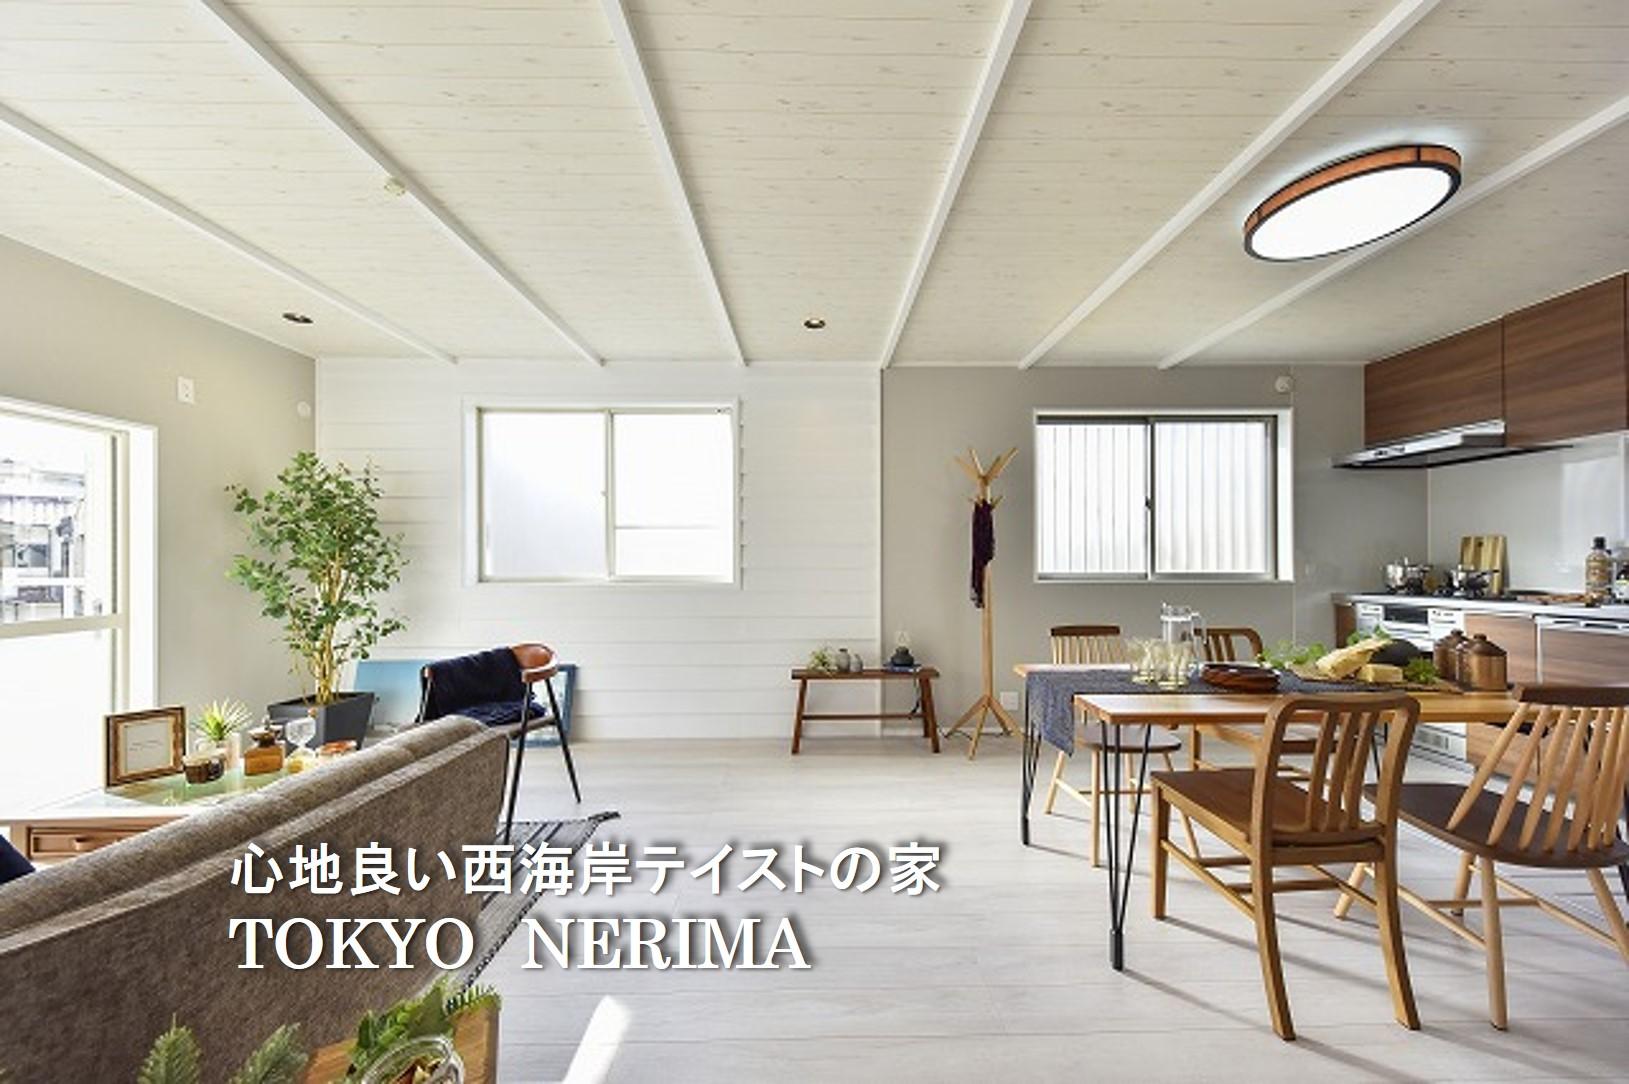 心地良い西海岸テイストの家|TOKYO NERIMA